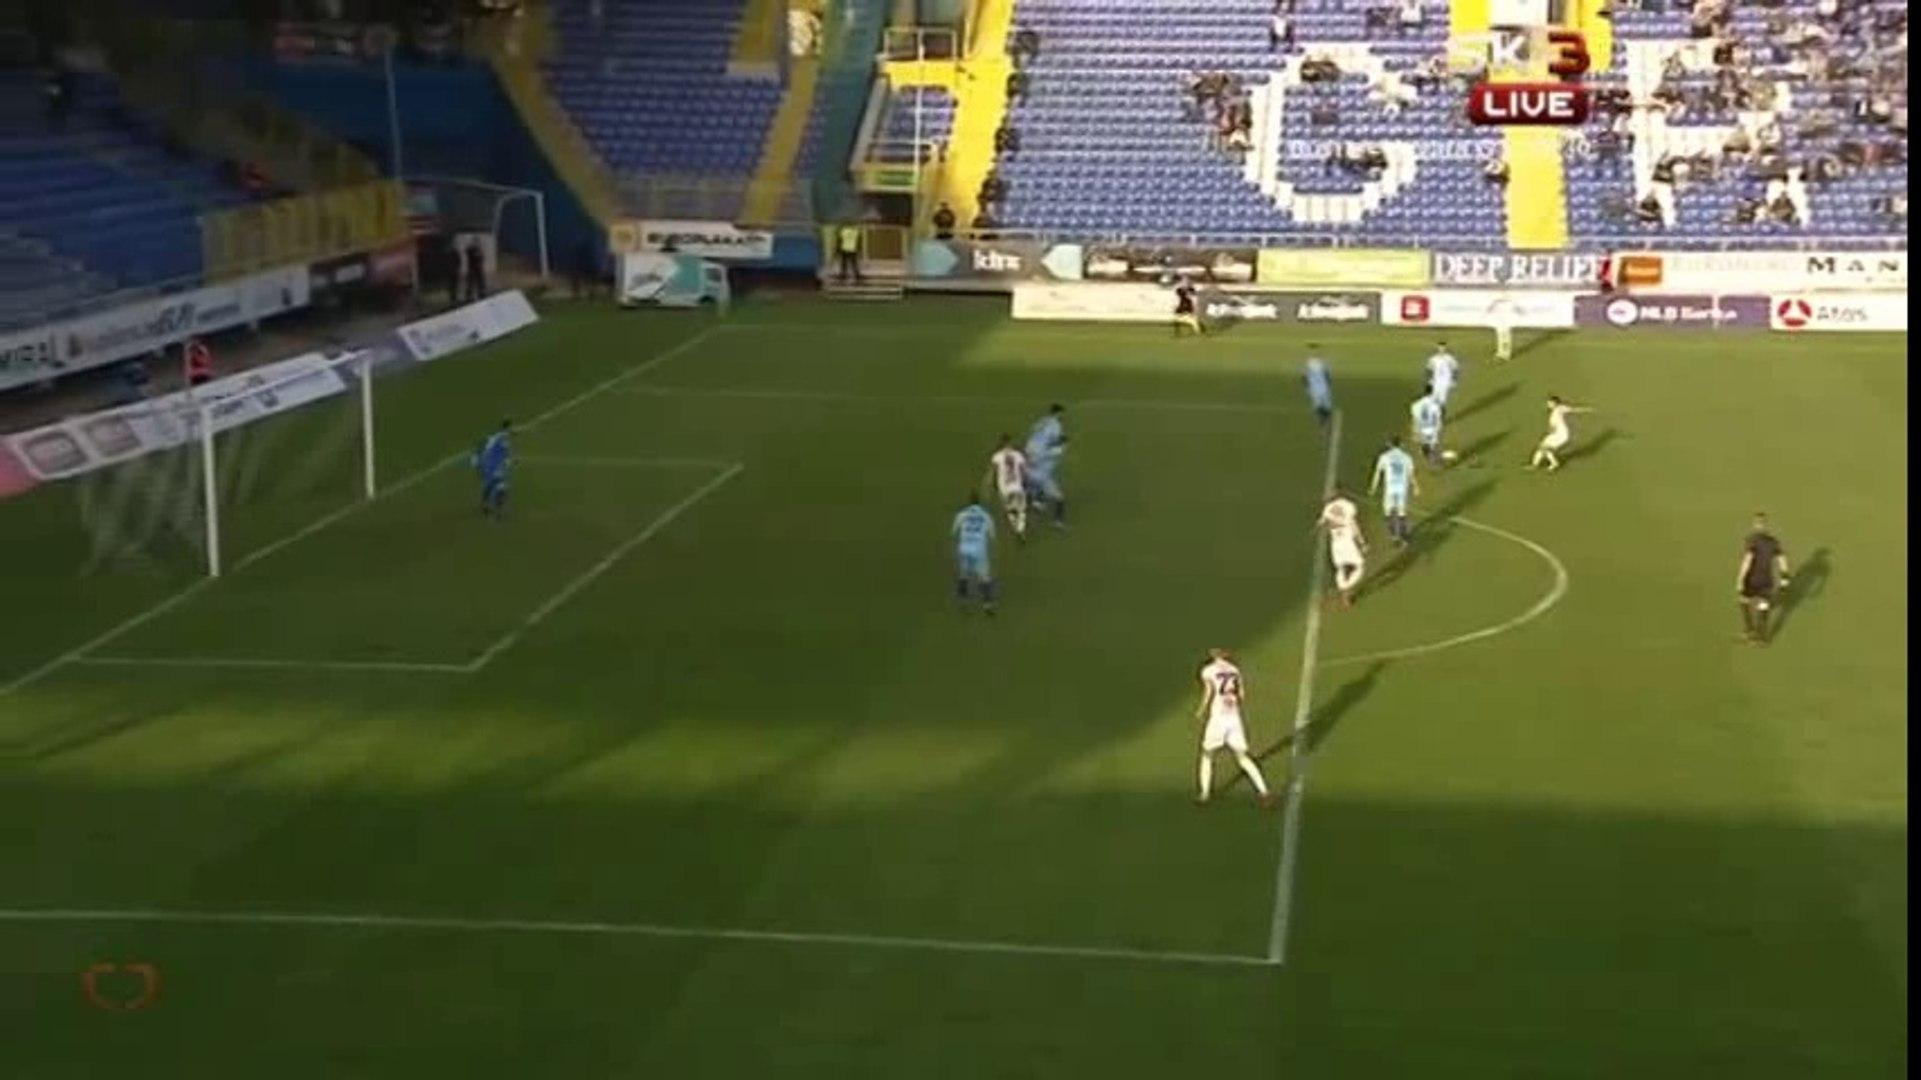 FK Željezničar - FK Sloboda 0:0 (Kup) [Highlights]